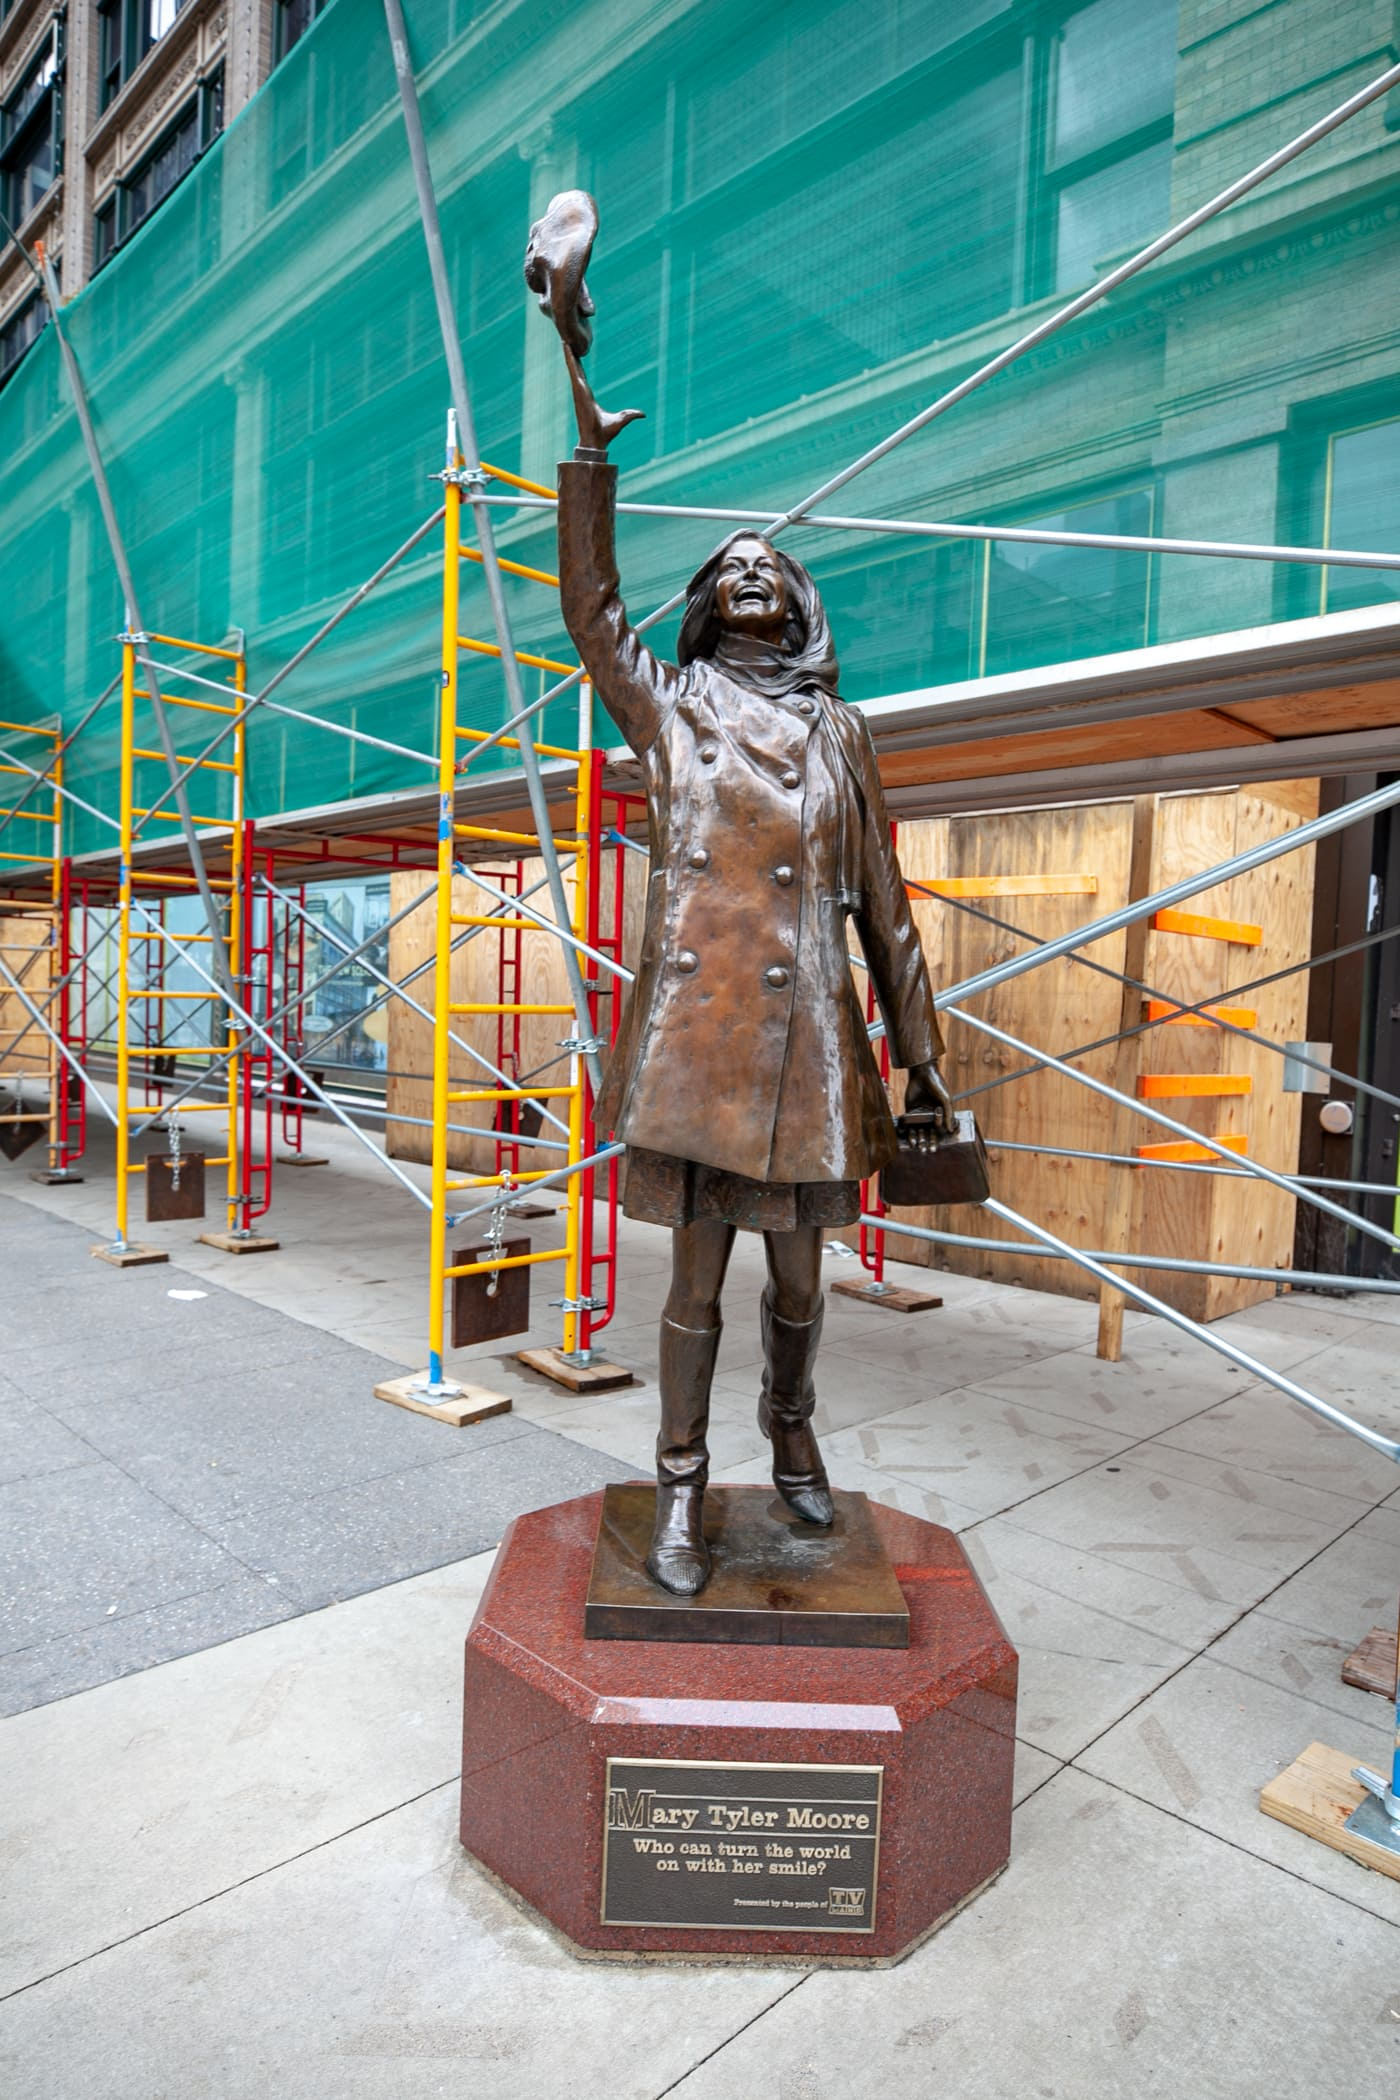 Mary Tyler Moore statue in Minnespolis, Minnesota.